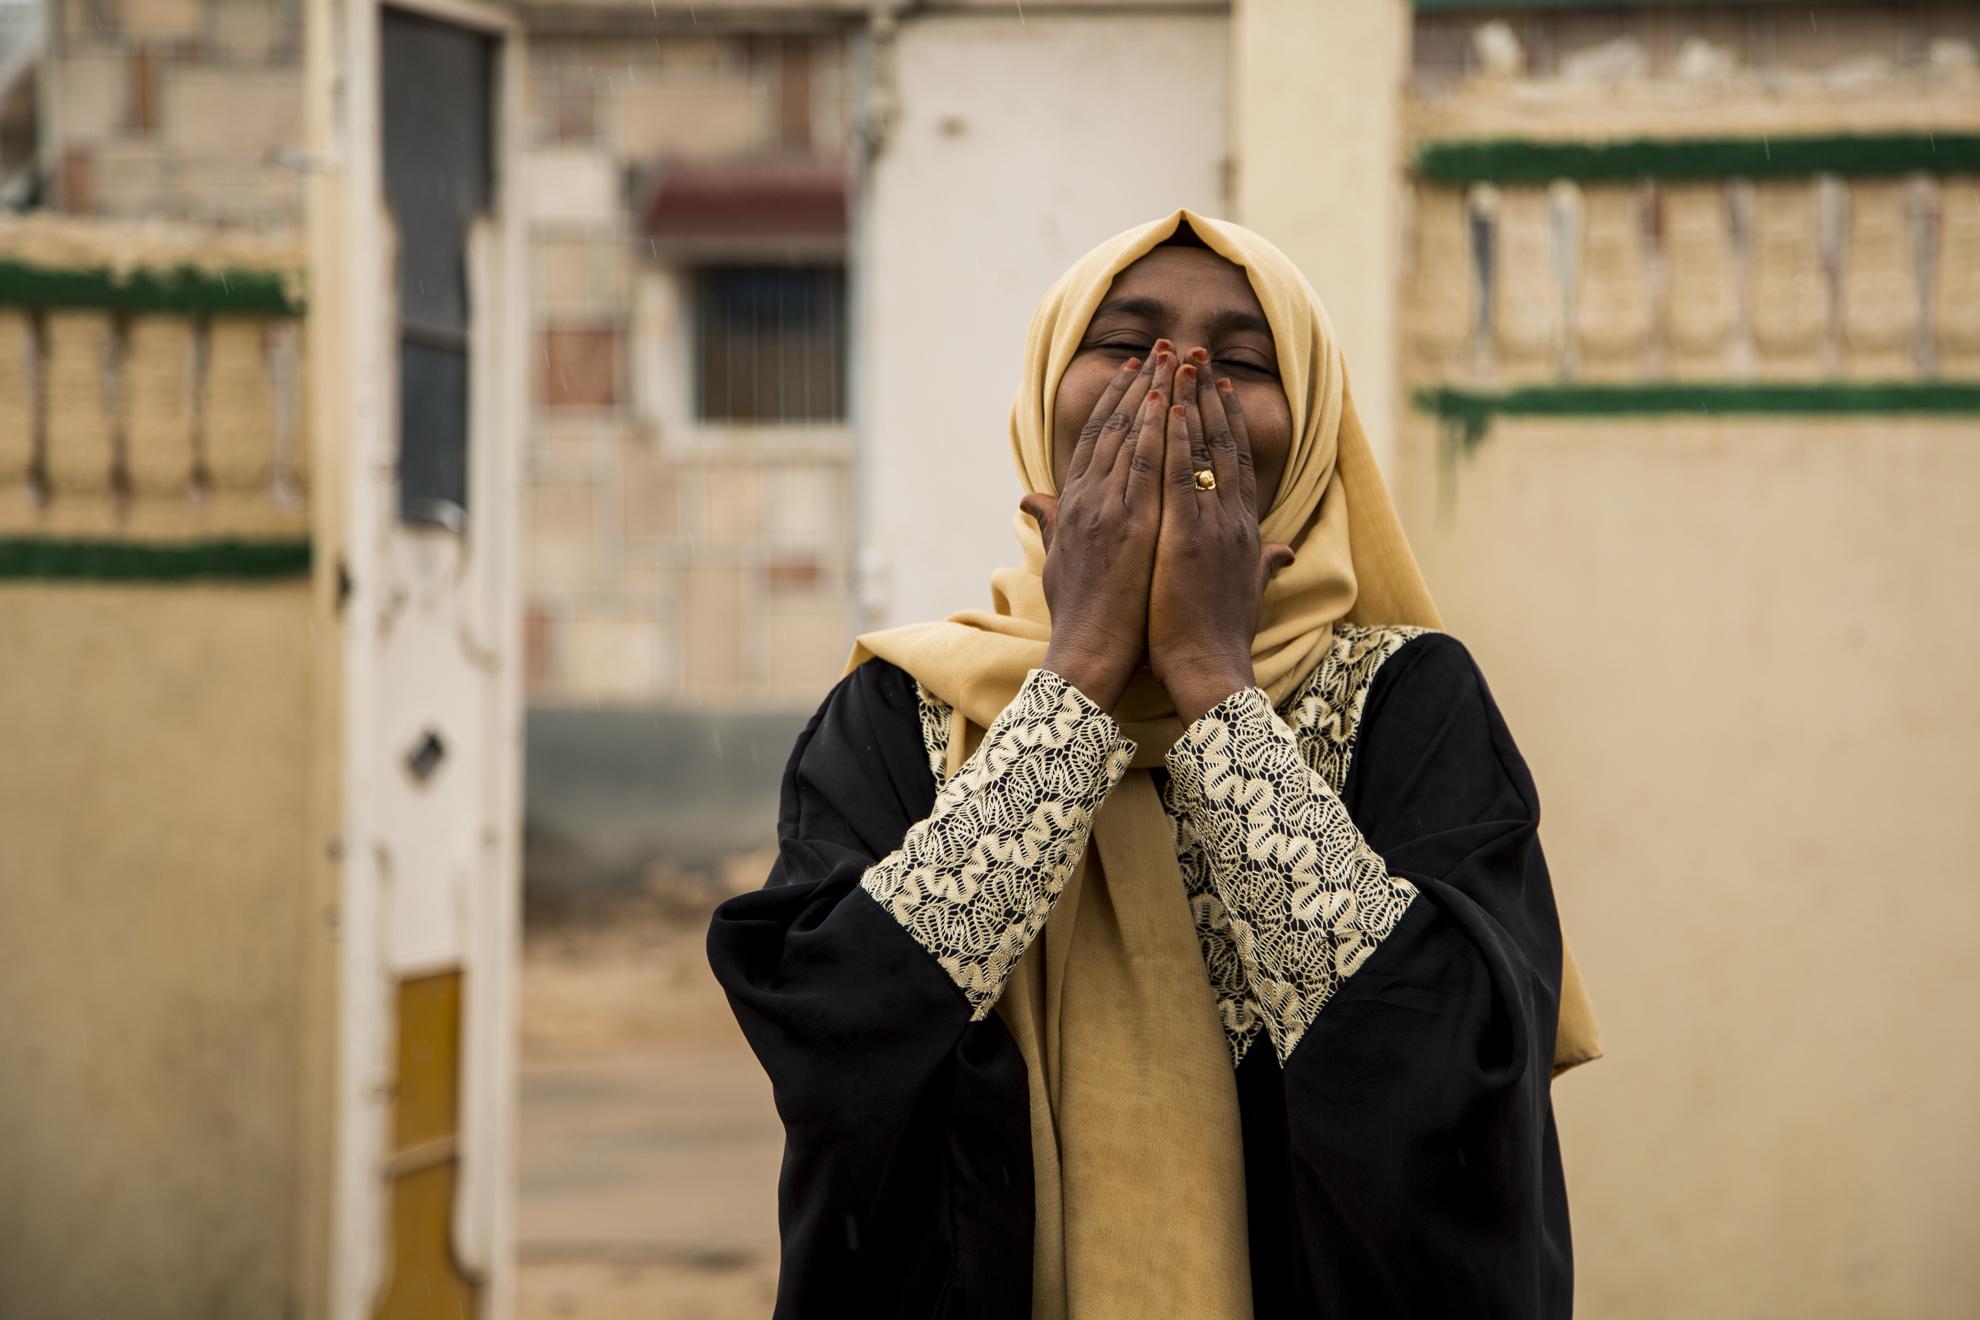 IPPF_Somaliland_ZFlood-7335_010.jpg